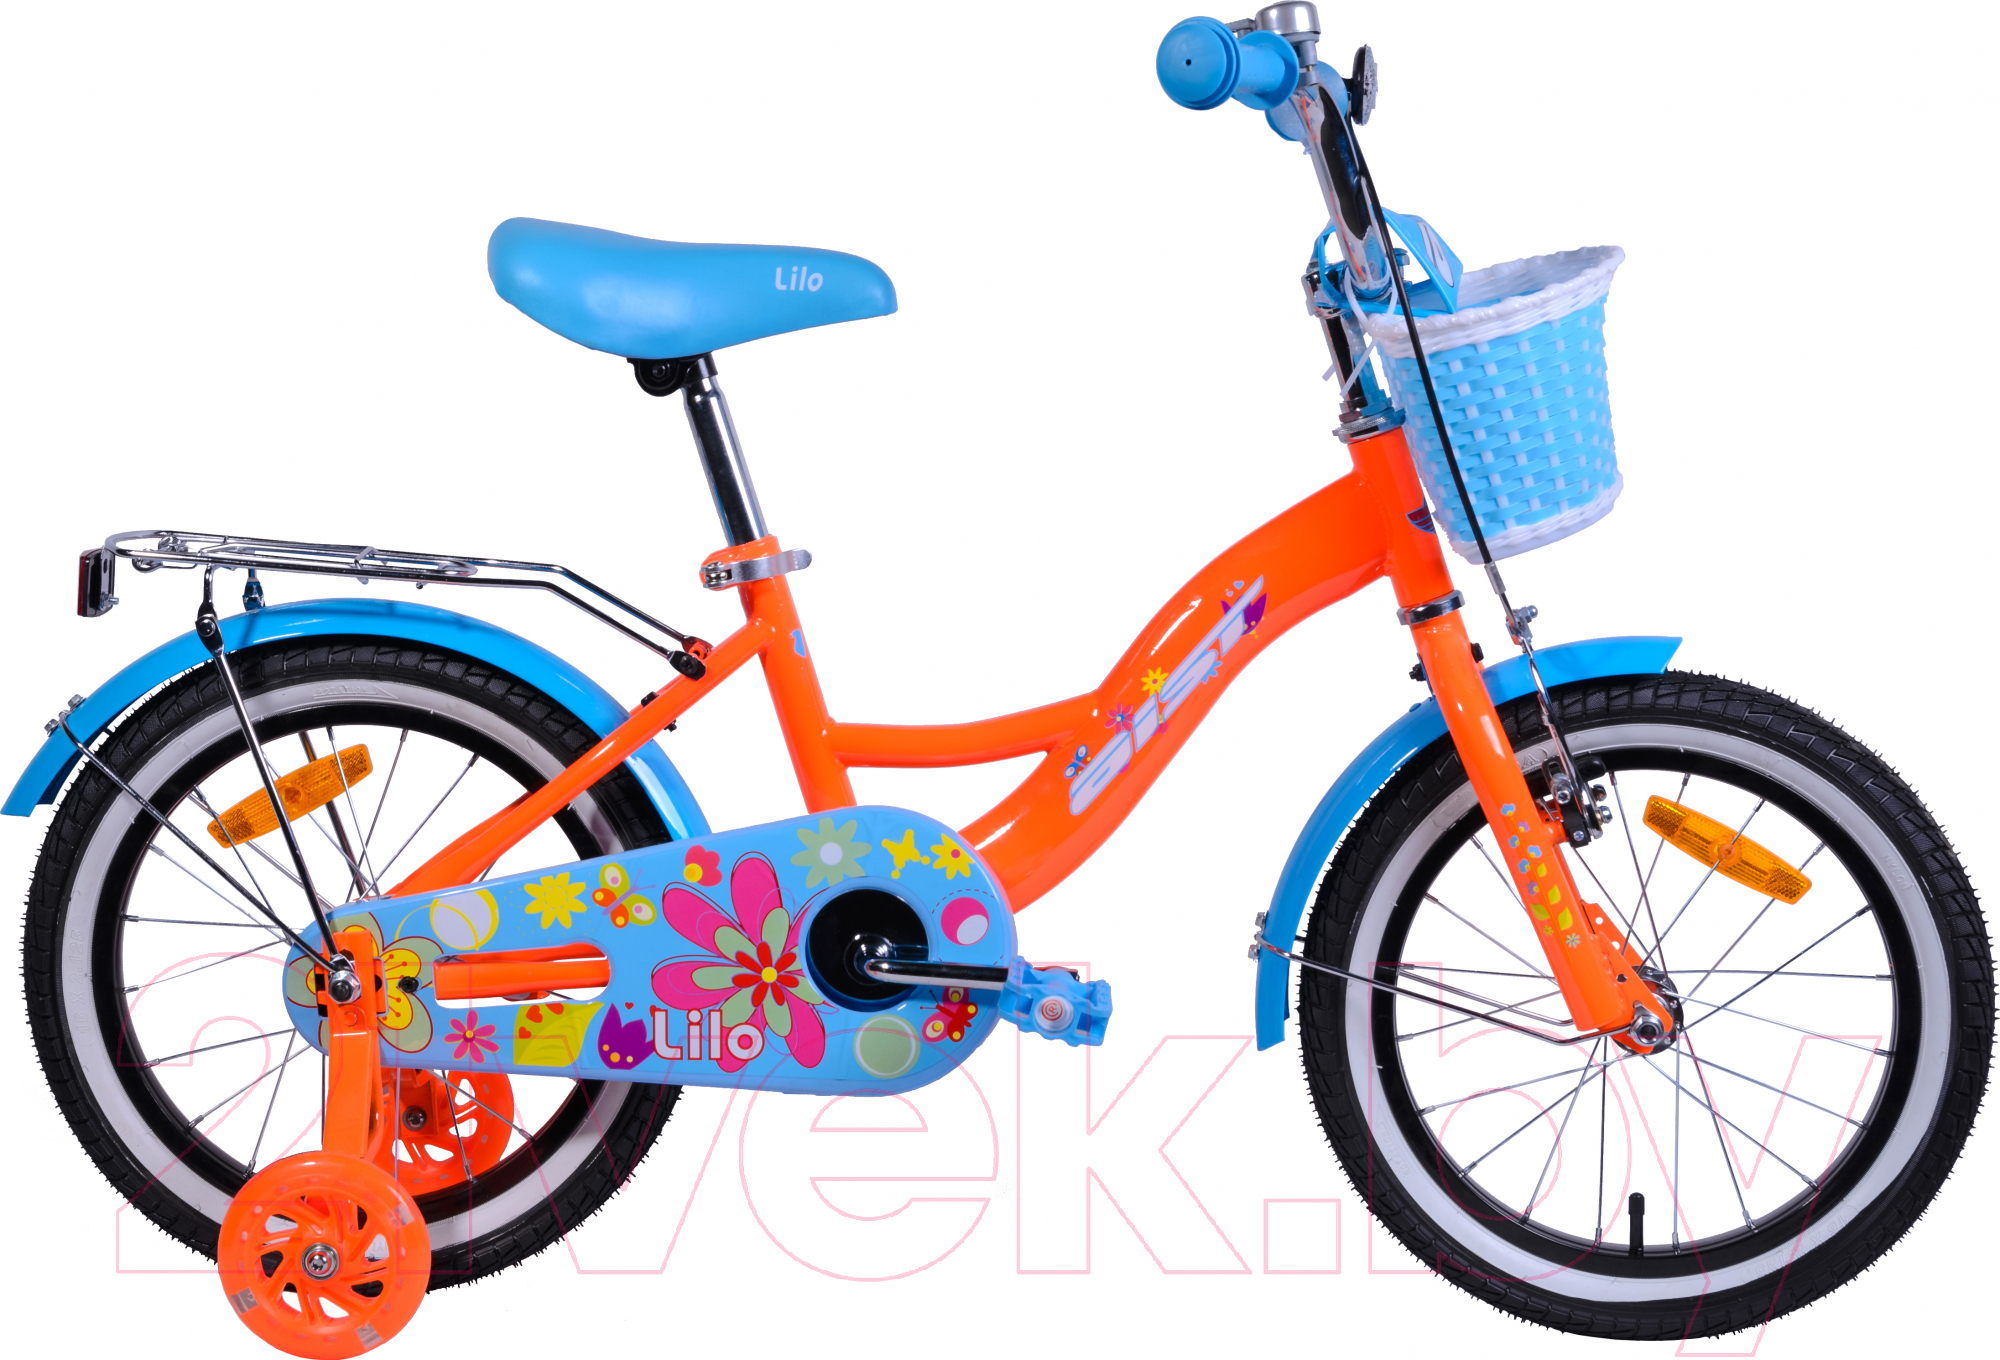 Купить Детский велосипед AIST, Lilo 2019 (16, оранжевый), Беларусь